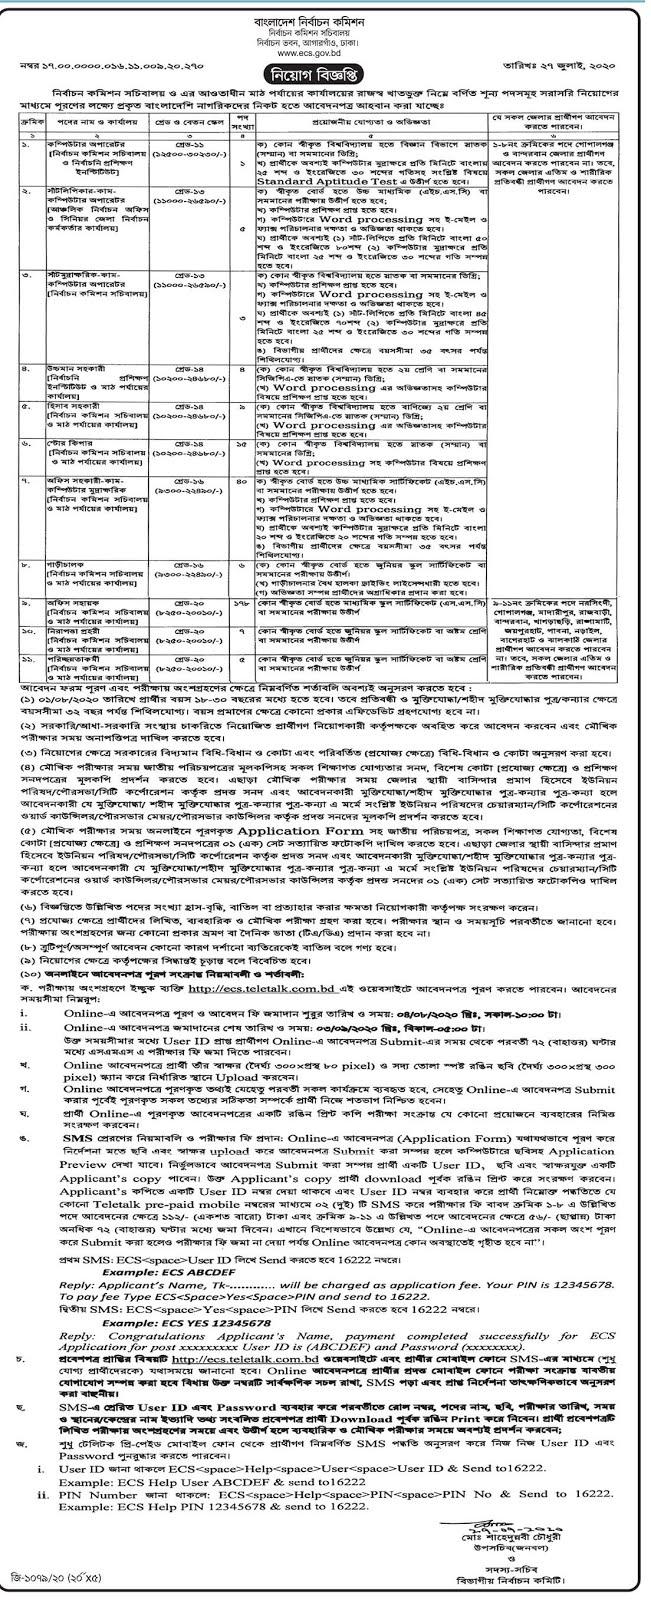 বাংলাদেশ নির্বাচন কমিশন নিয়োগ ২০২০ - Bangladesh Election Commission Circular 2020